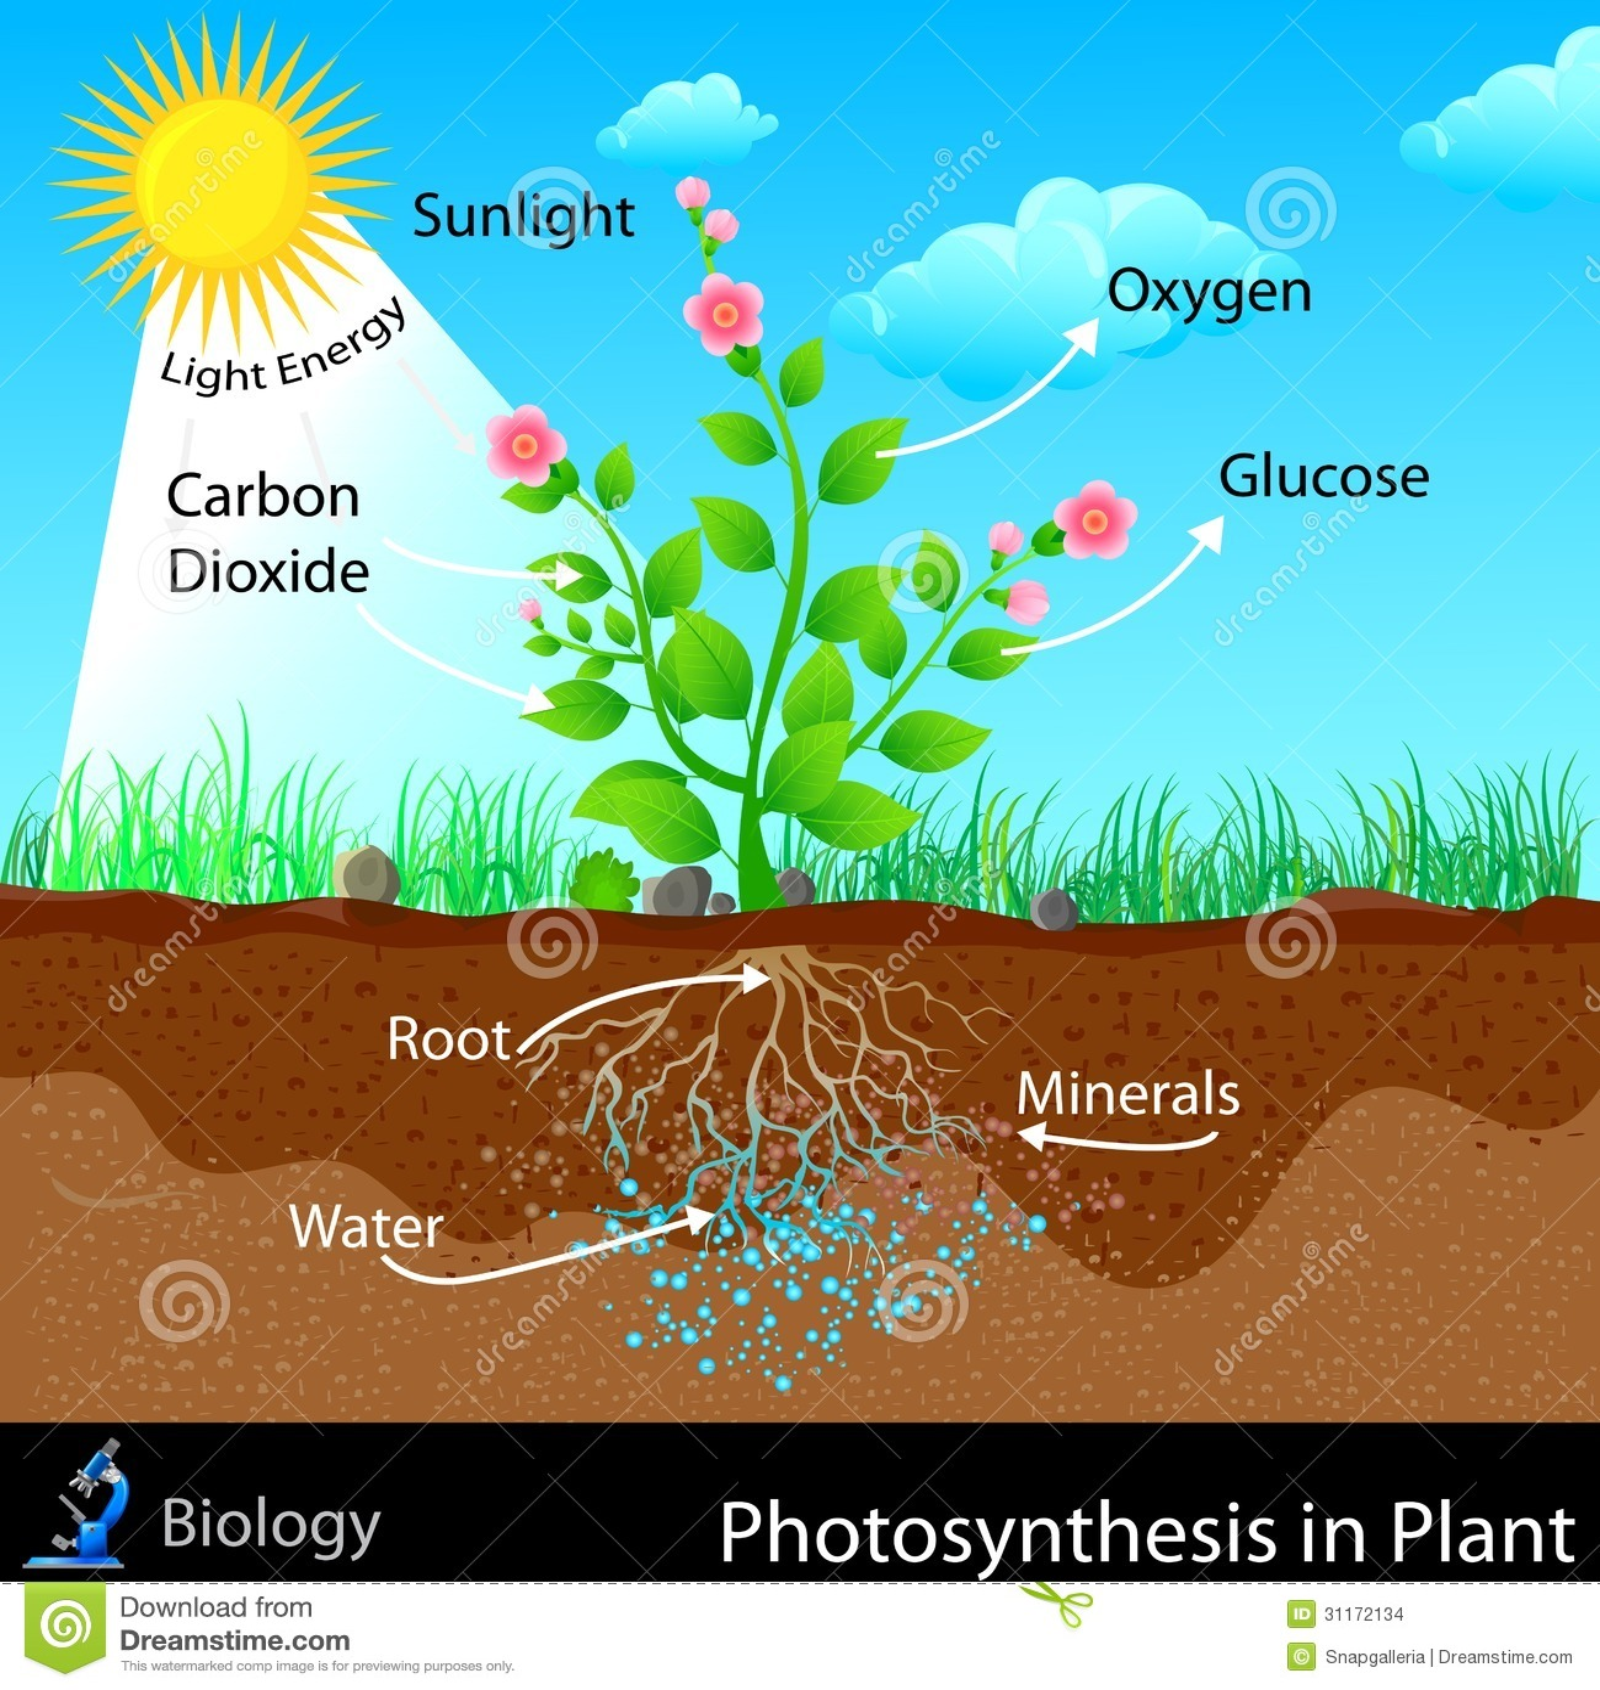 Sustancias que produce la planta durante la fotosintesis 76